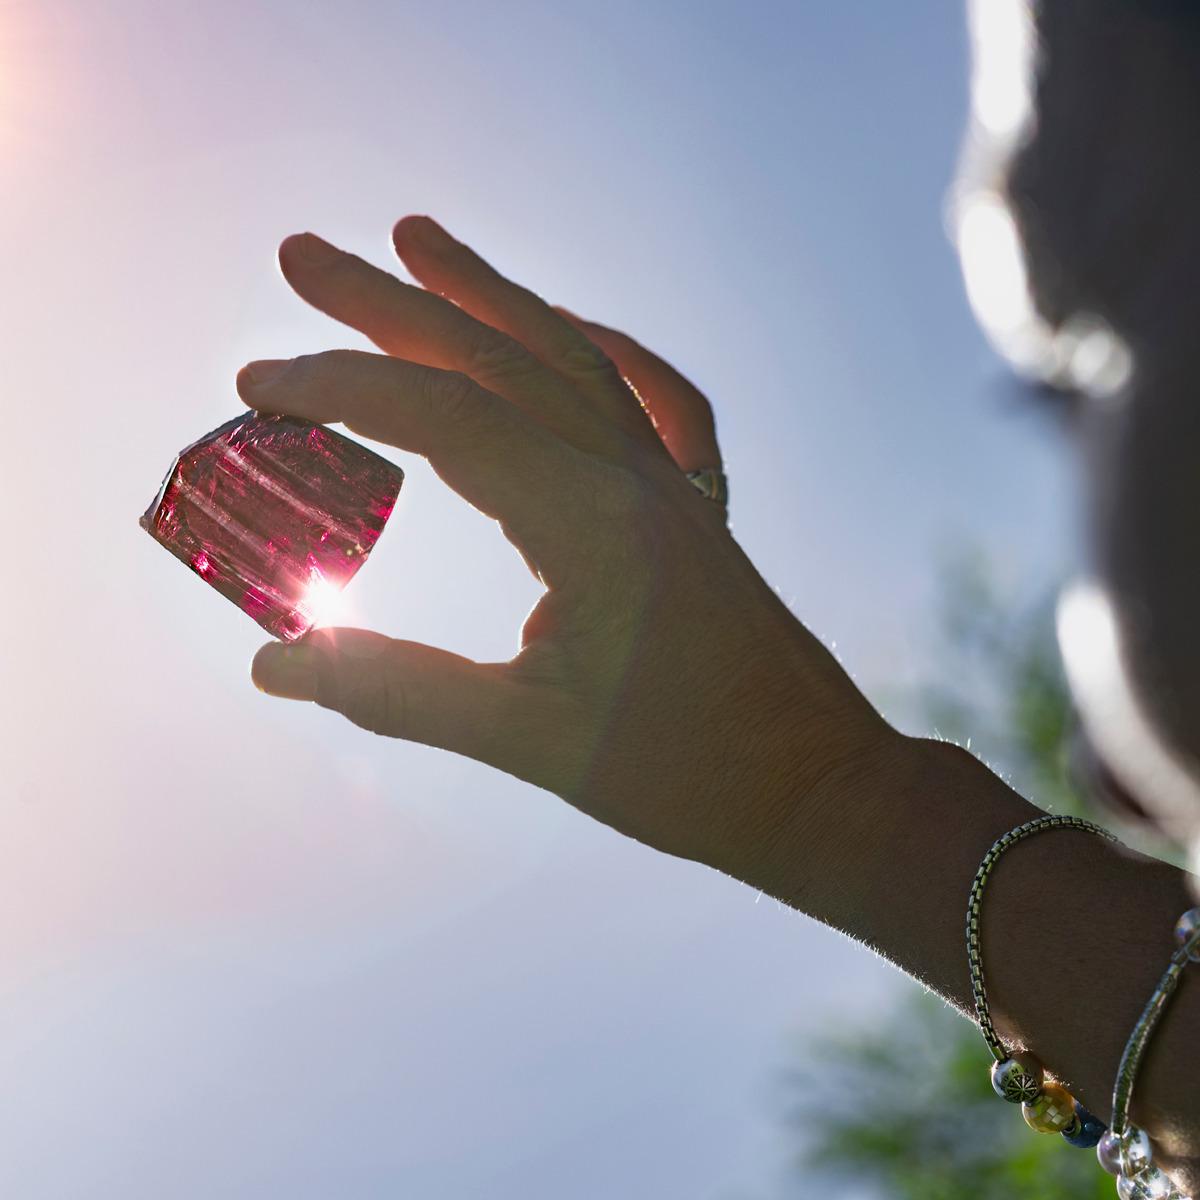 Como usar cristais: conheça as maneiras para manter o equilíbrio e o bem-estar